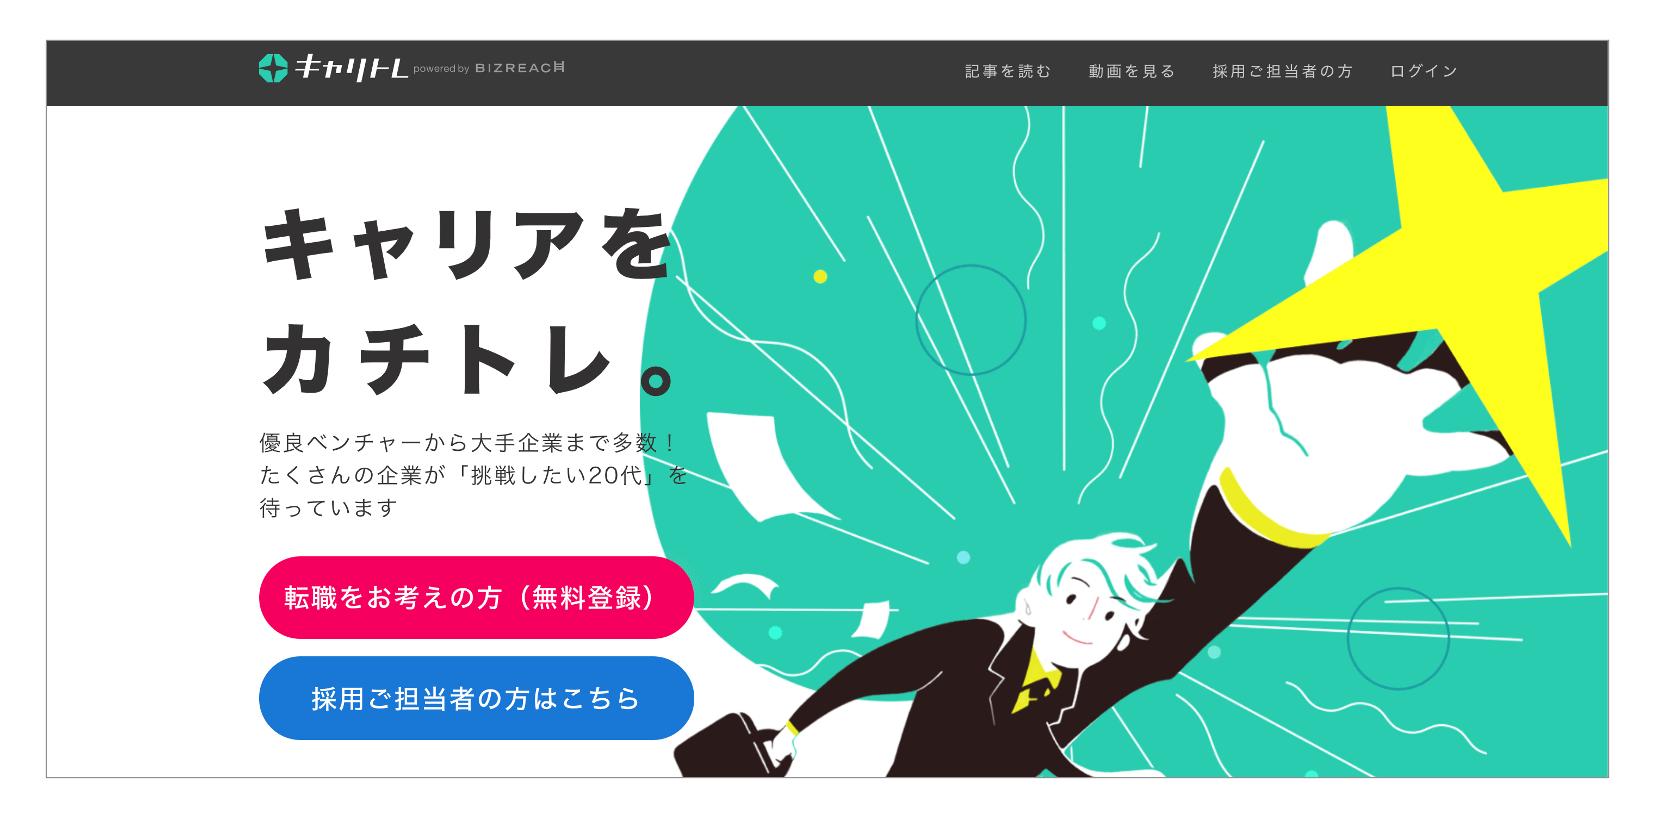 おすすめの転職サイト「キャリトレ」